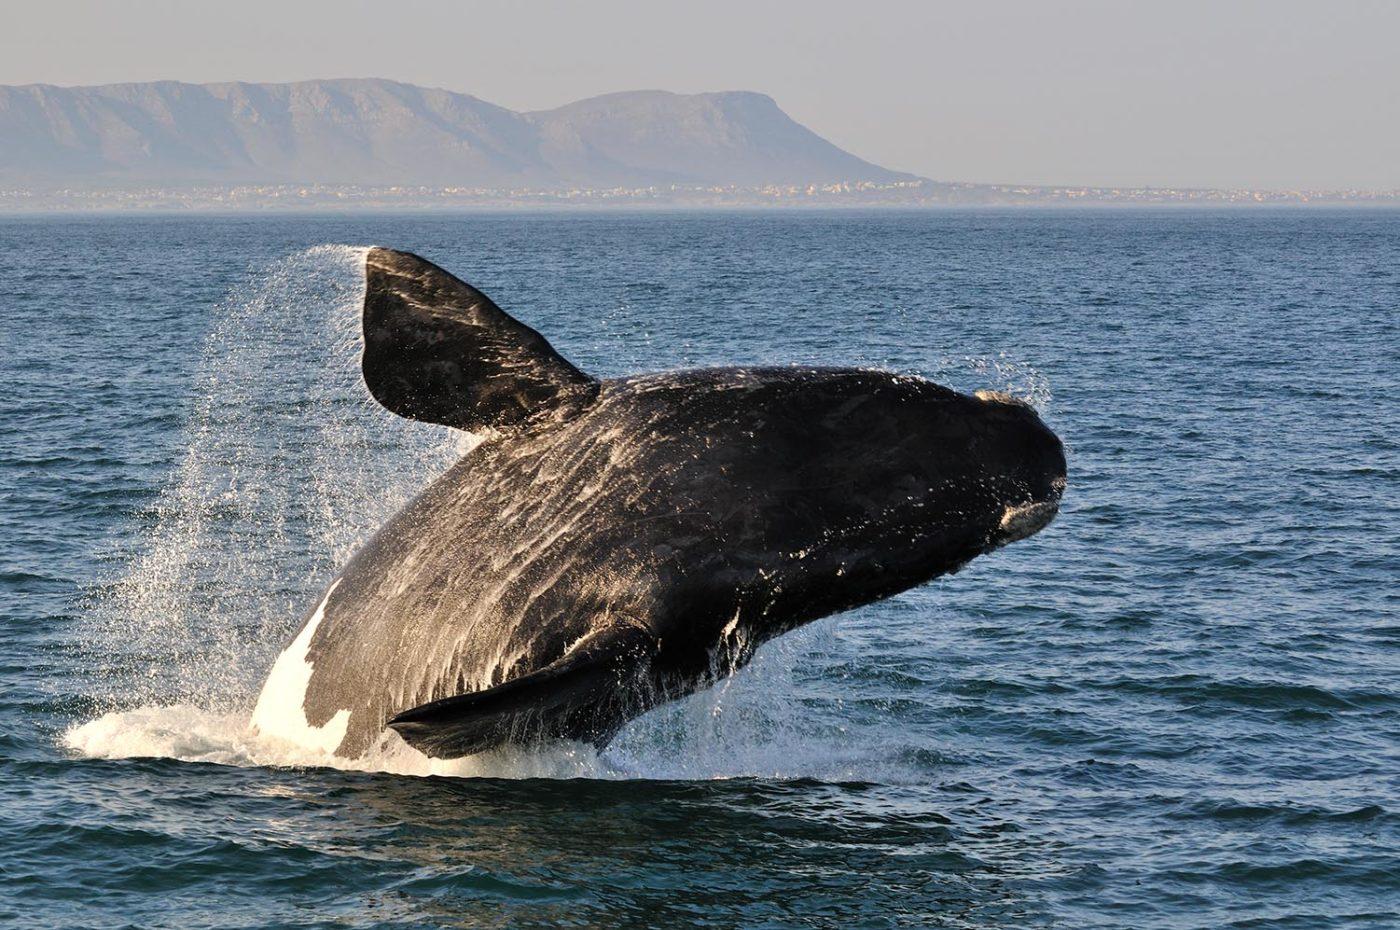 דרך הגנים מפורט אליזבט לקייפטאון שייט לוויתנים